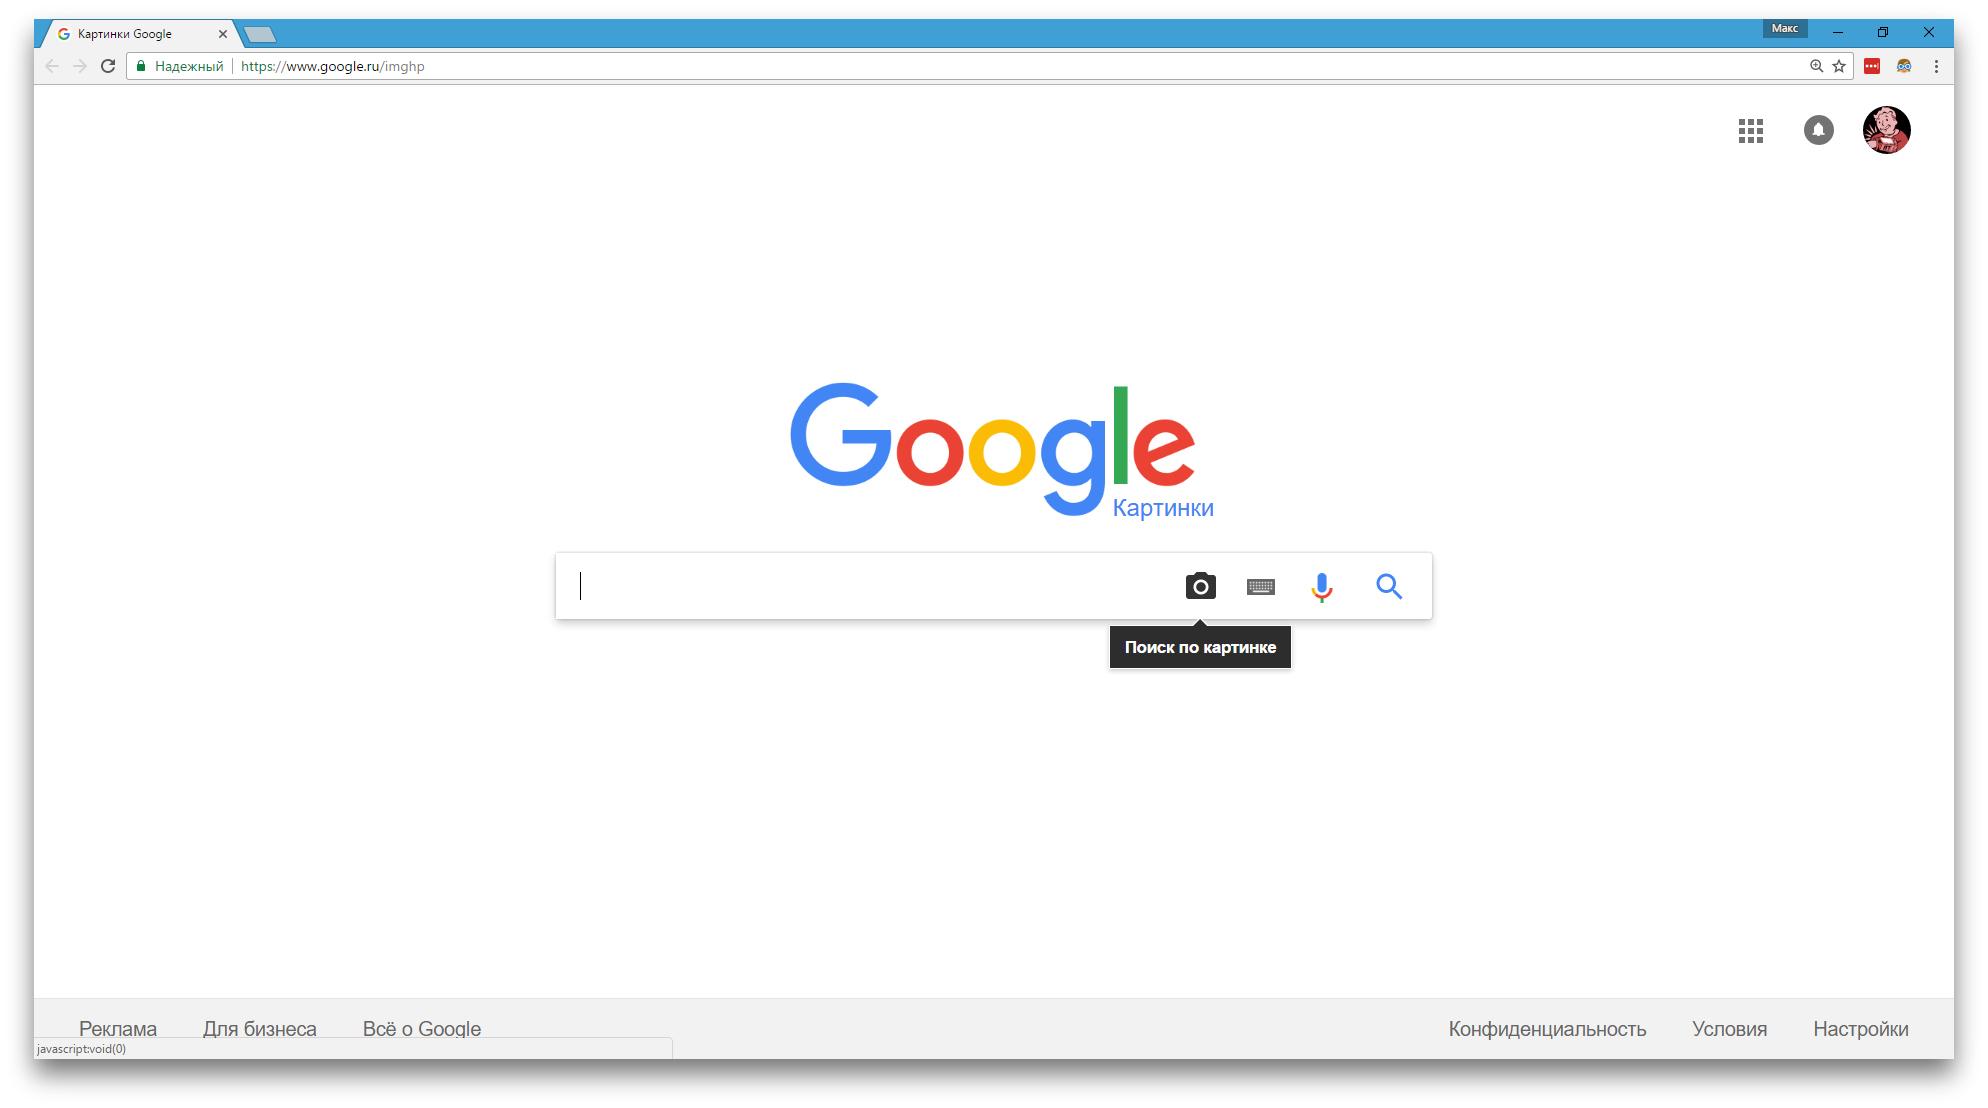 10 полезных сервисов Google, о которых вы могли не знать